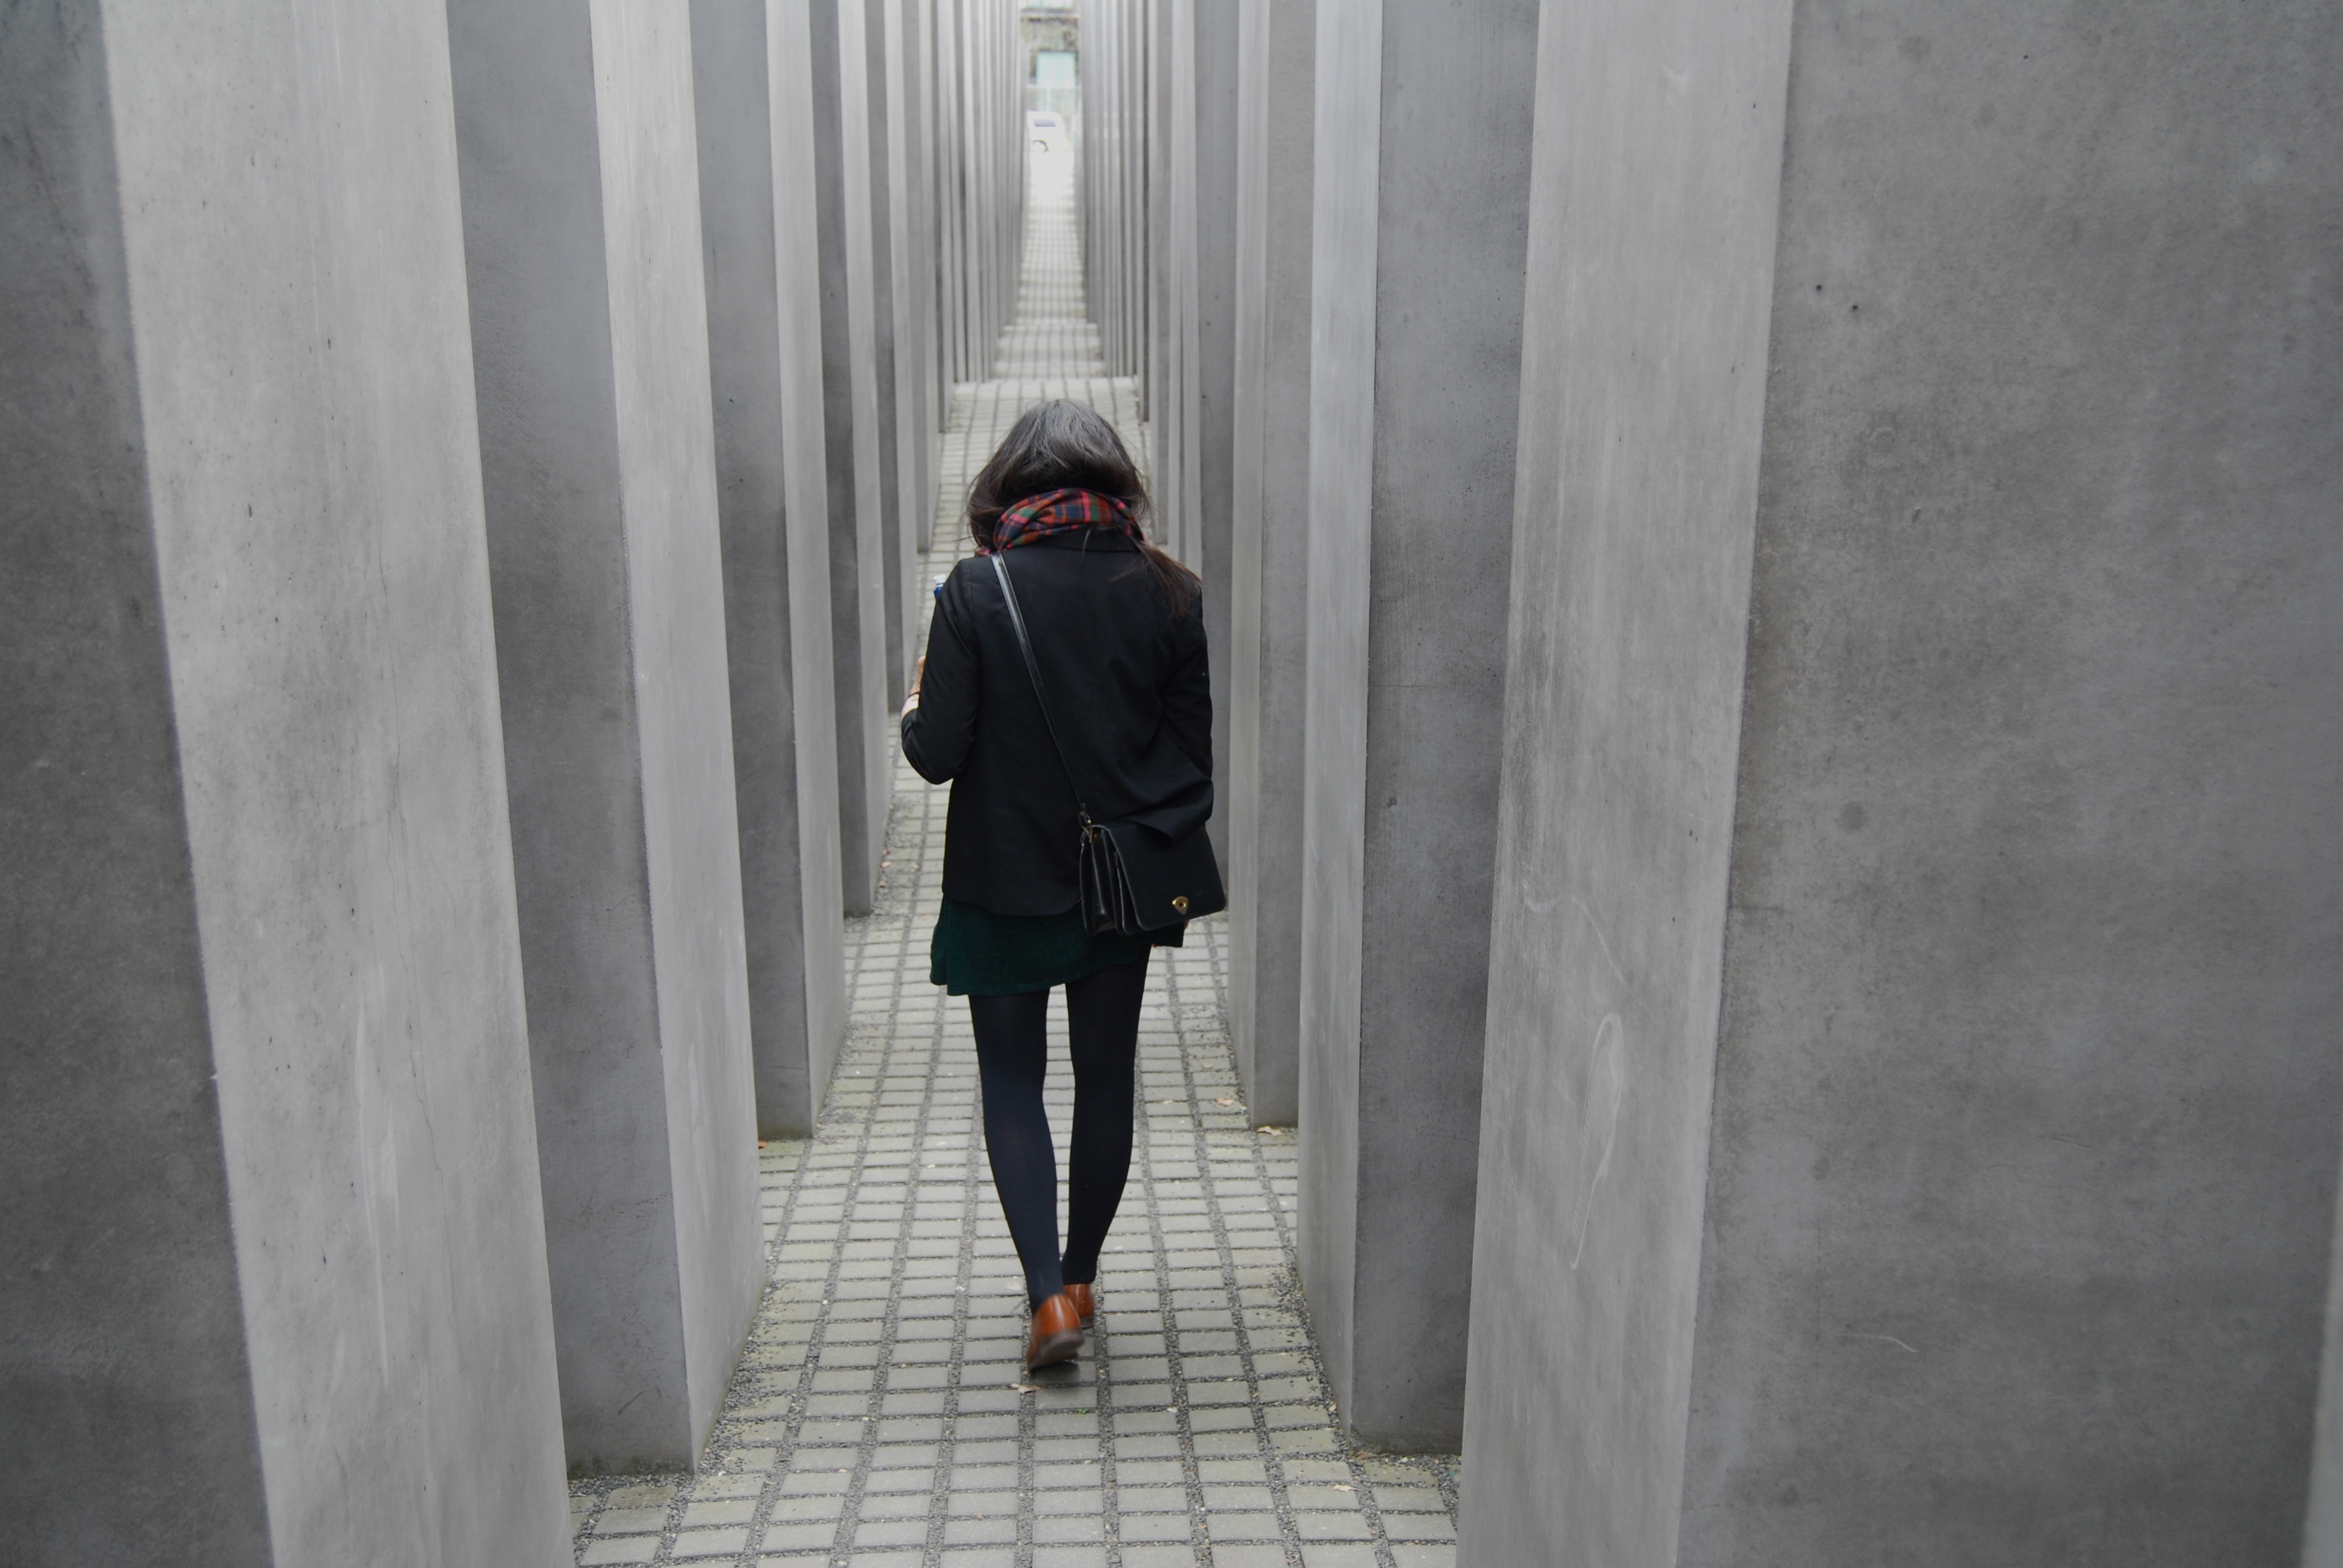 Les st?les les plus hautes du M?morial de l?Holocauste font environ seize pieds (4 m?tres 80) de haut